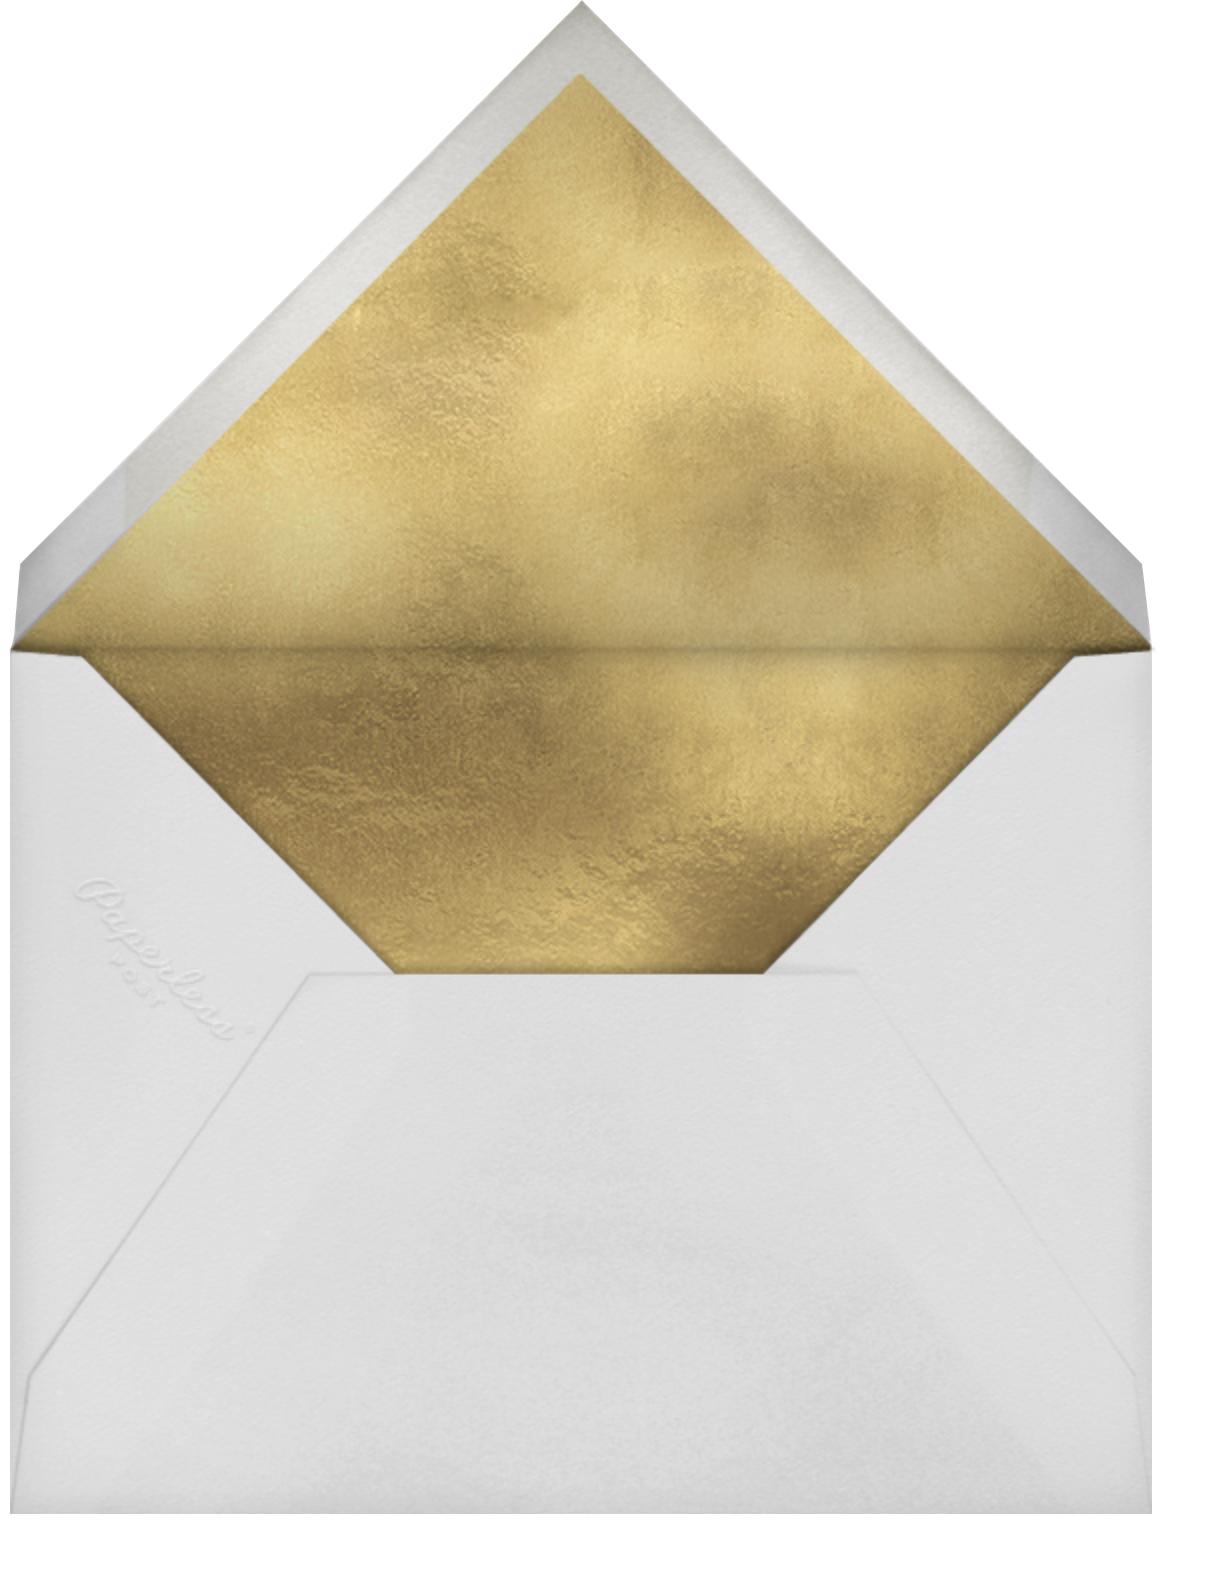 Golden Smiles - Linda and Harriett - General entertaining - envelope back